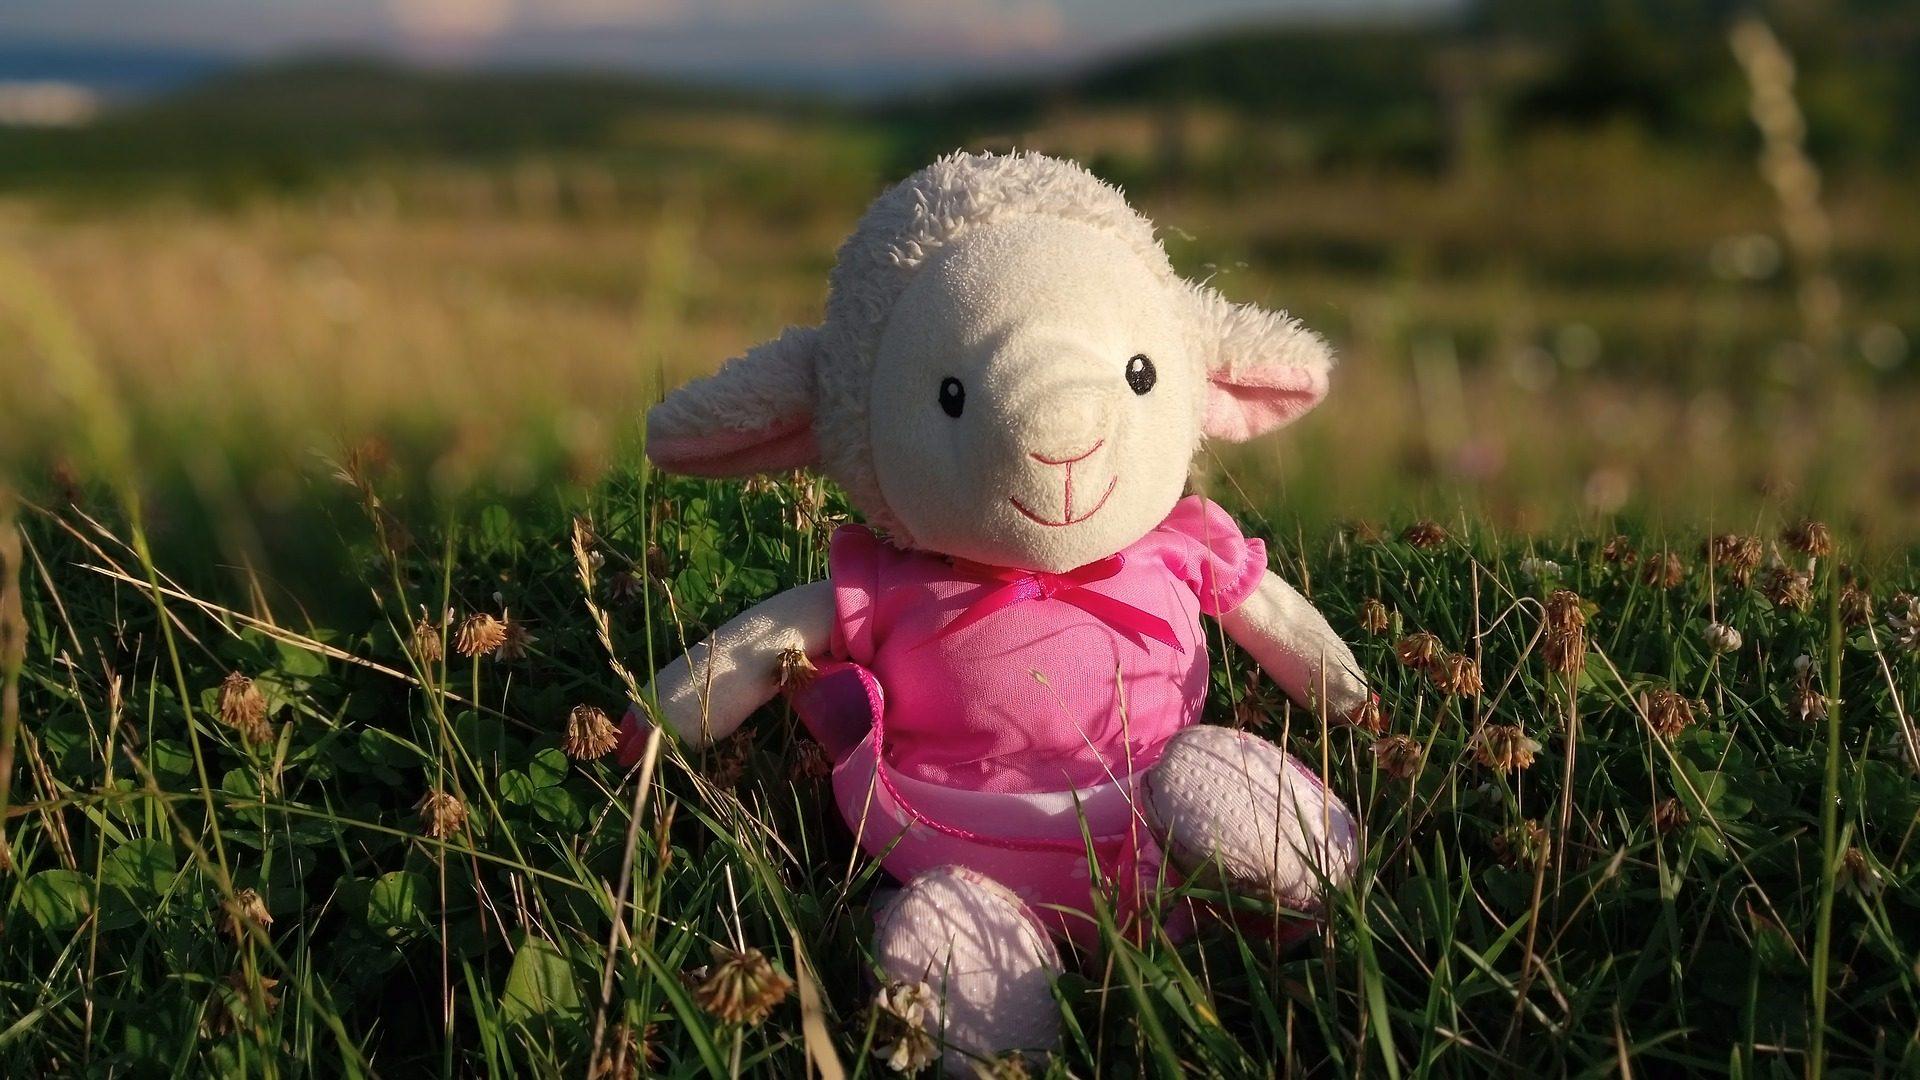 campo, PRADO, pecore, Orsacchiotto, muñeco, erba - Sfondi HD - Professor-falken.com